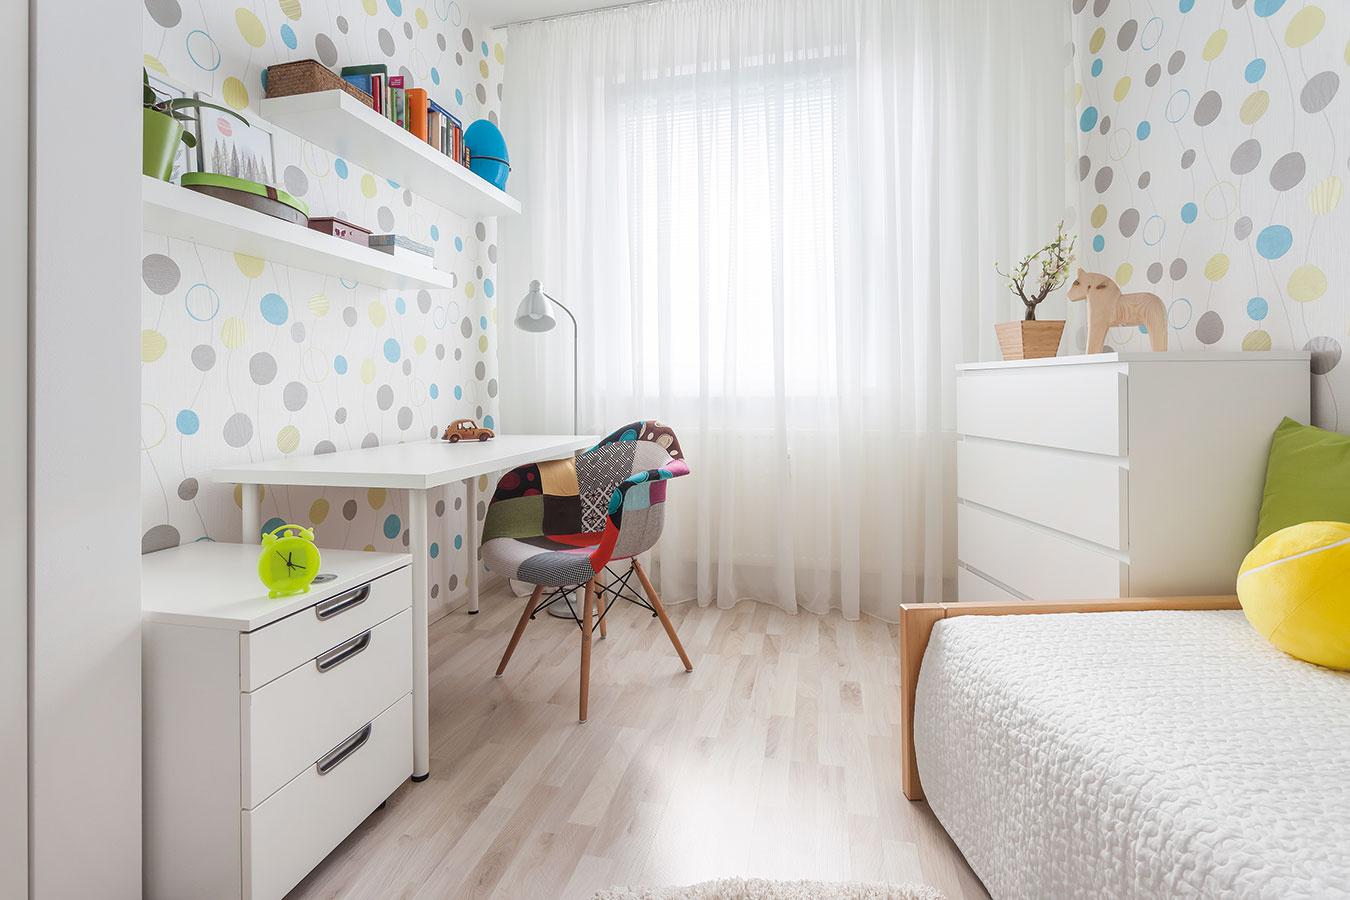 Detská izba si na svojho malého obyvateľa ešte pár mesiacov počká. Jednoduché zariadenie vyberali tak, aby sa neskôr dalo ľahko prispôsobiť meniacim sa potrebám dieťaťa.